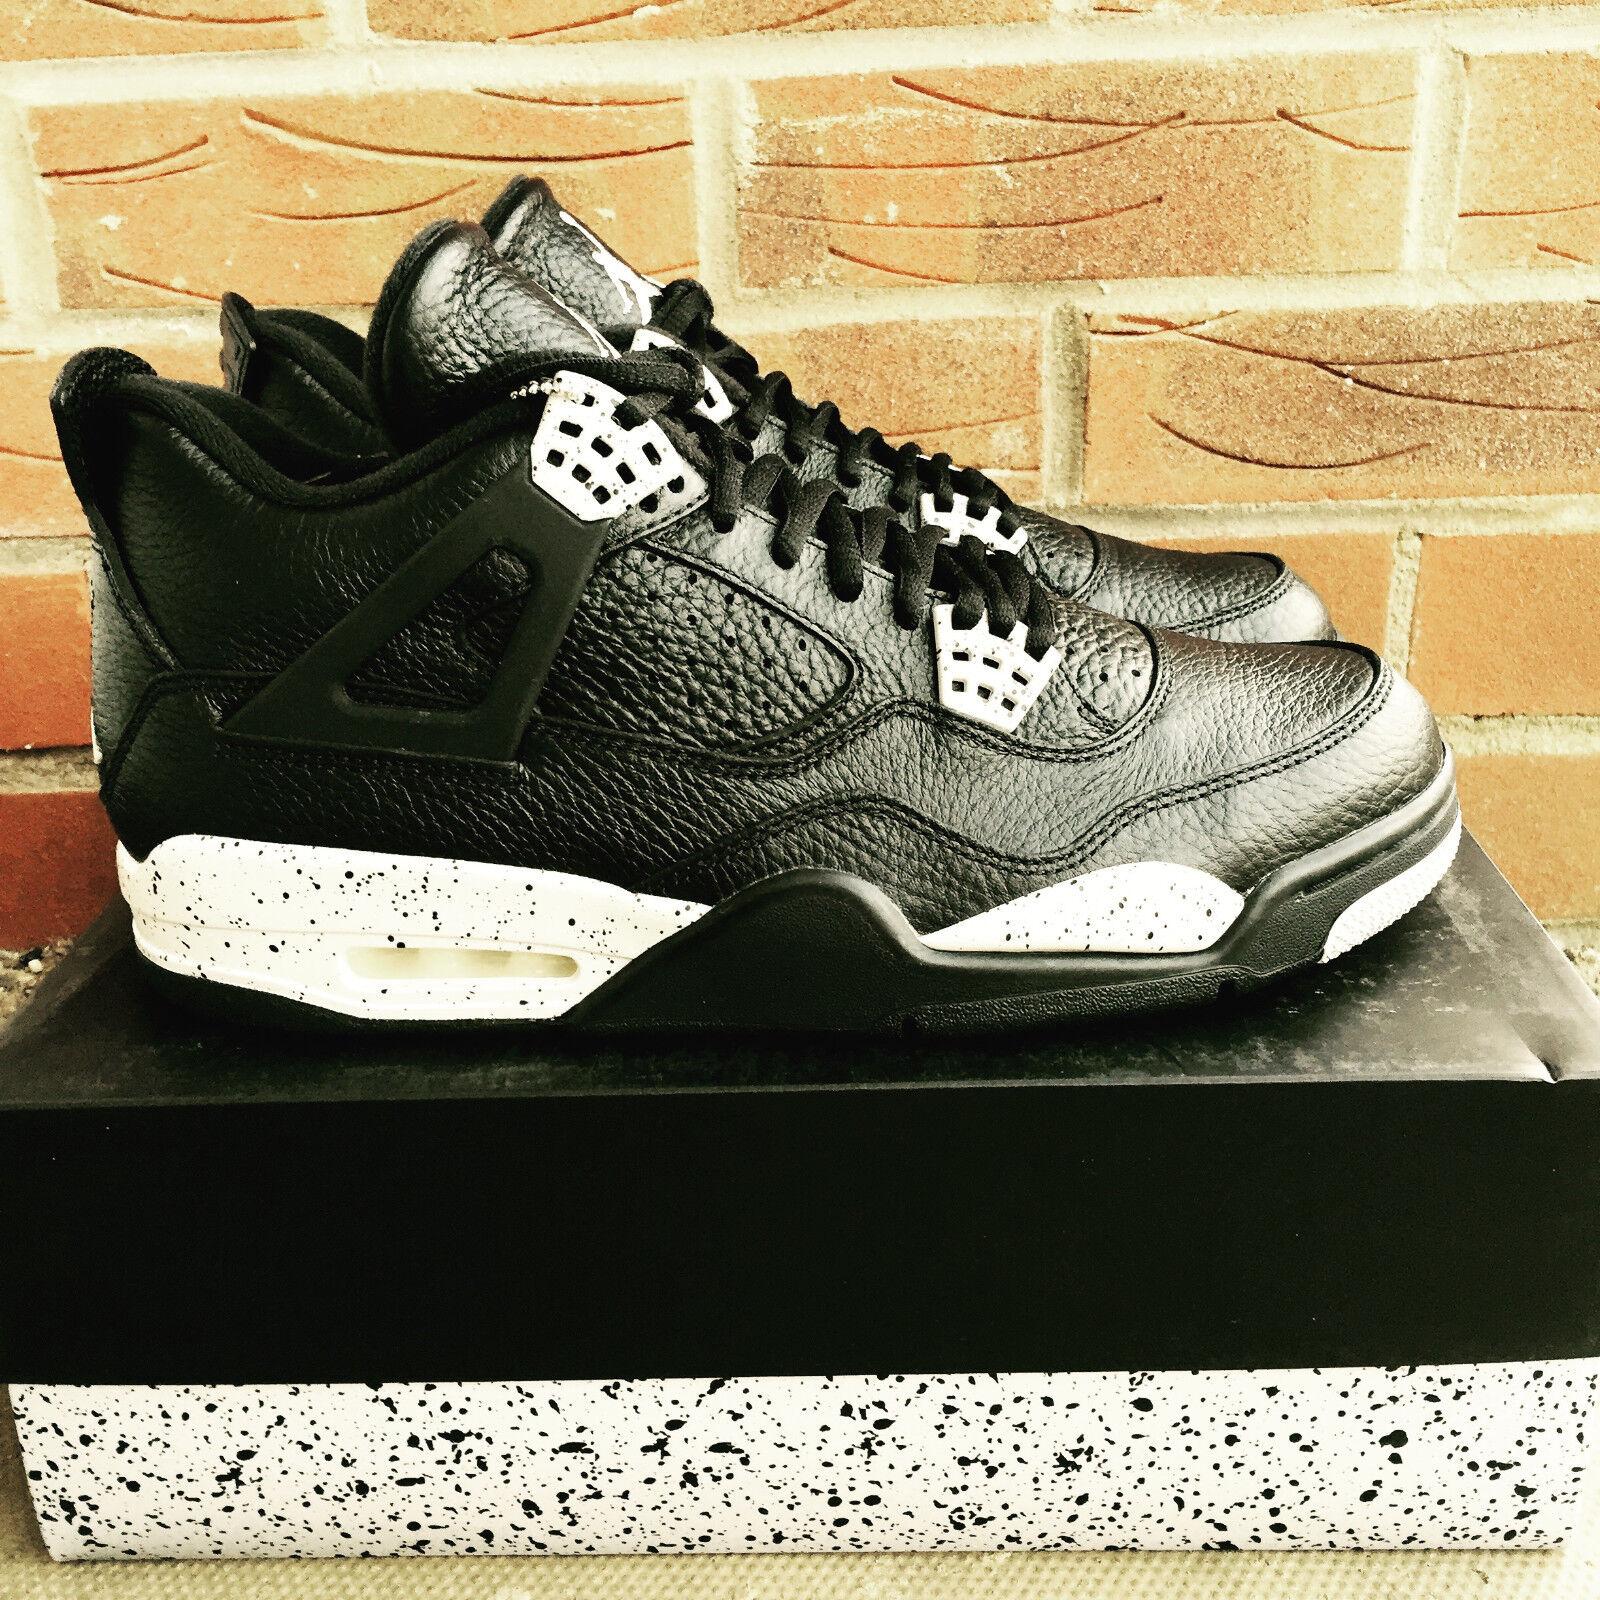 Nike Air Jordan 4 Retro LS Oreo